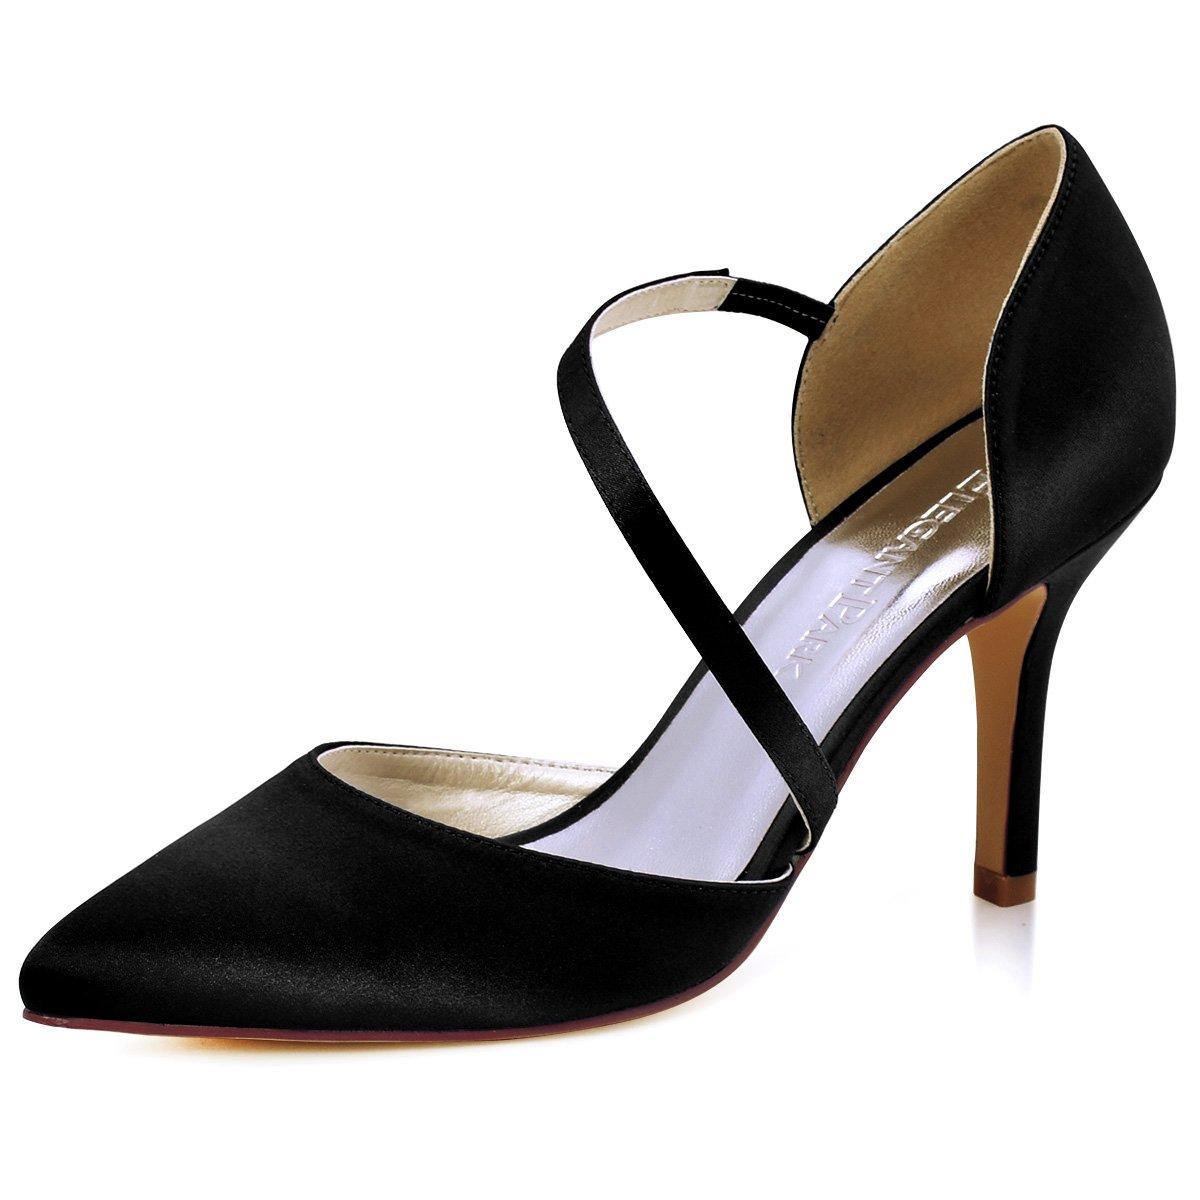 ElegantPark HC1711 punta estrecha de las mujeres tacones de aguja zapatos de tacón alto correas boda fiesta de graduación zapatos de novia 37 EU|Negro